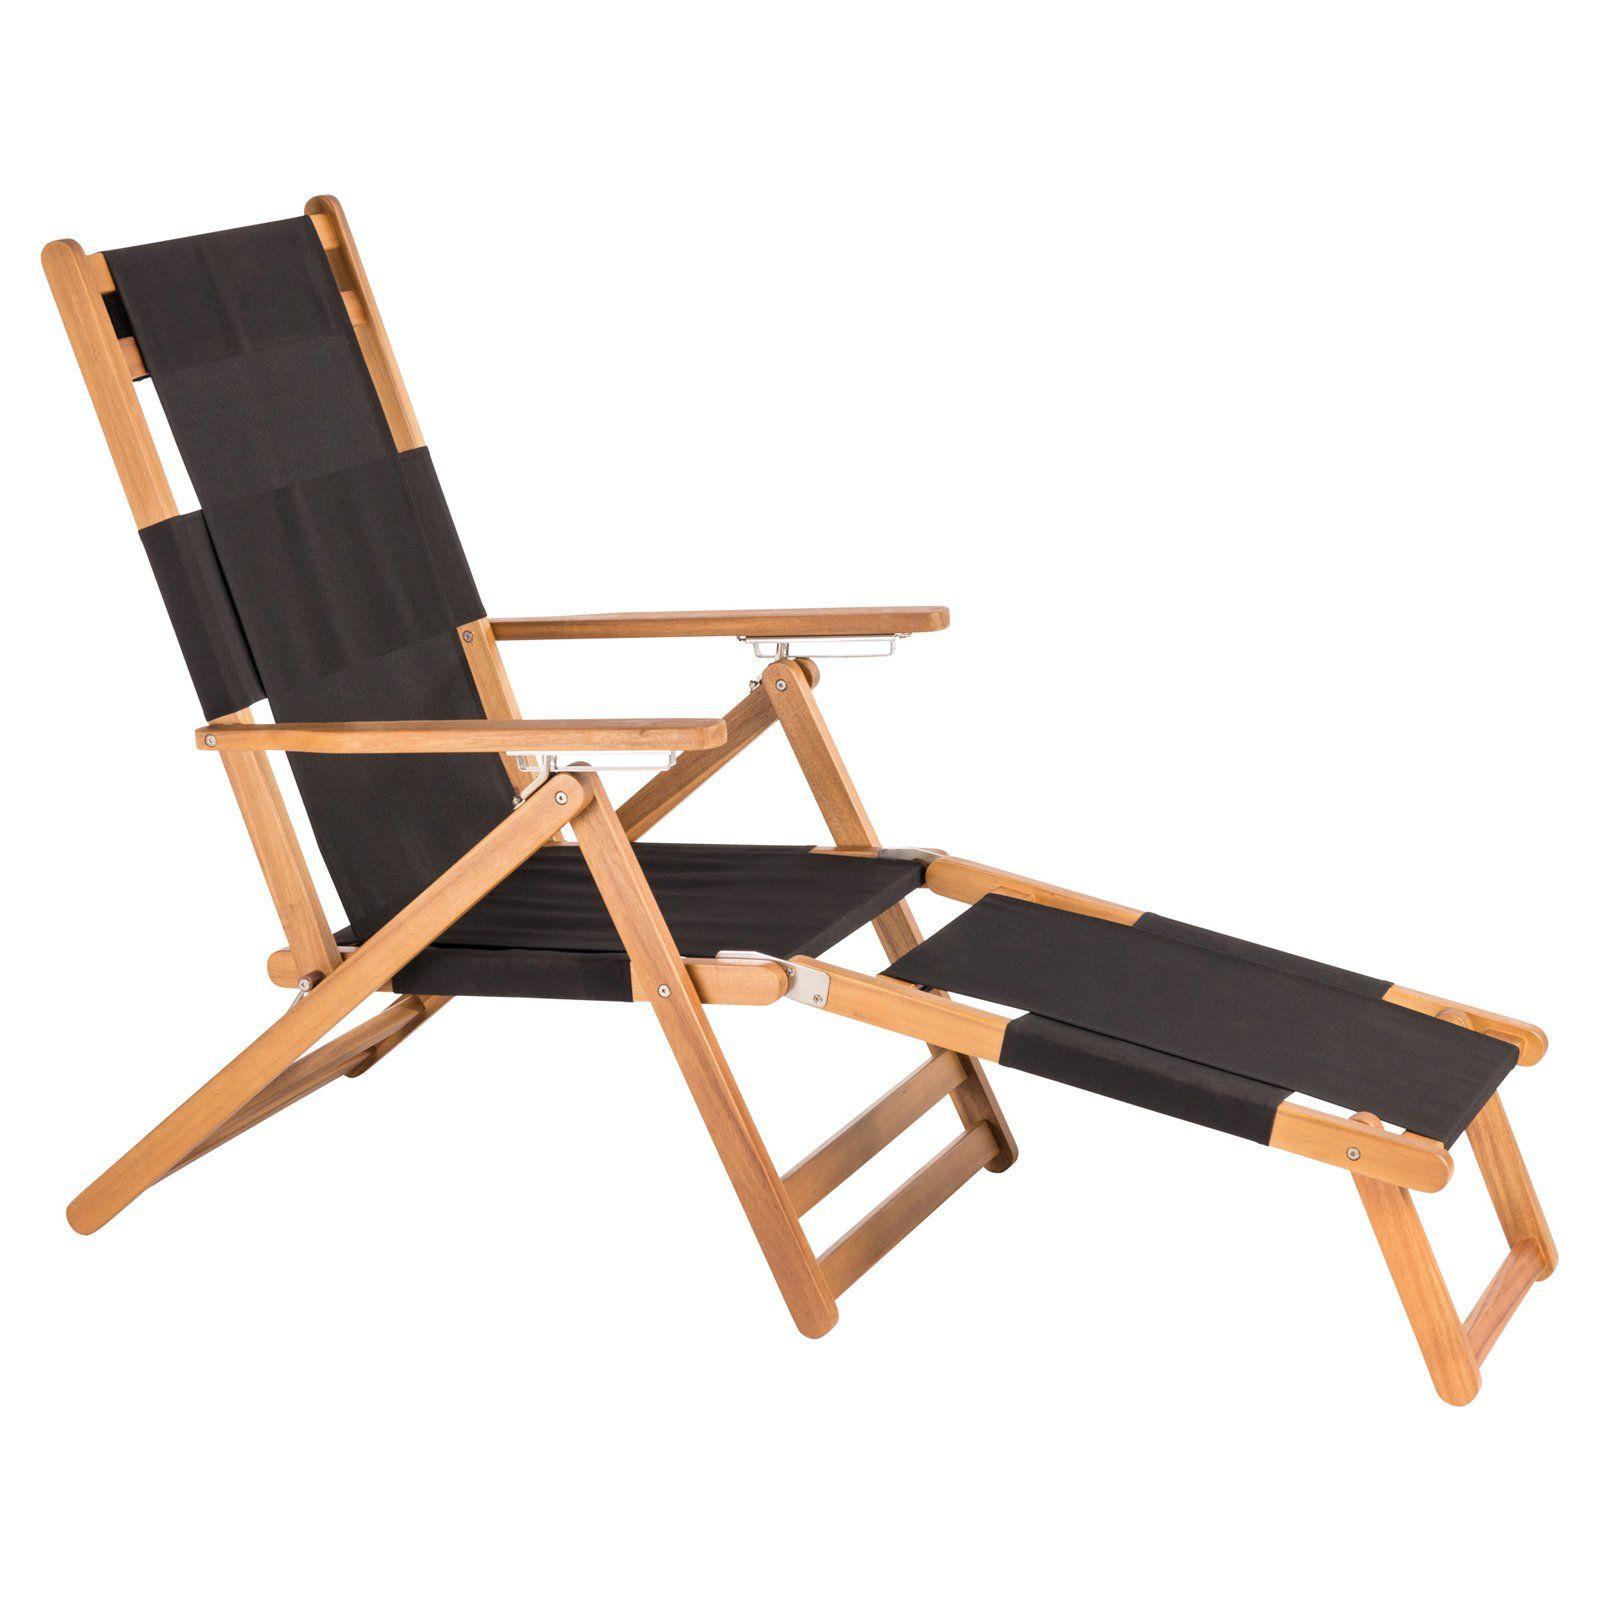 Patio Sense Veradero Beach Chair With Leg Rest Beach Chairs Pool Lounge Patio